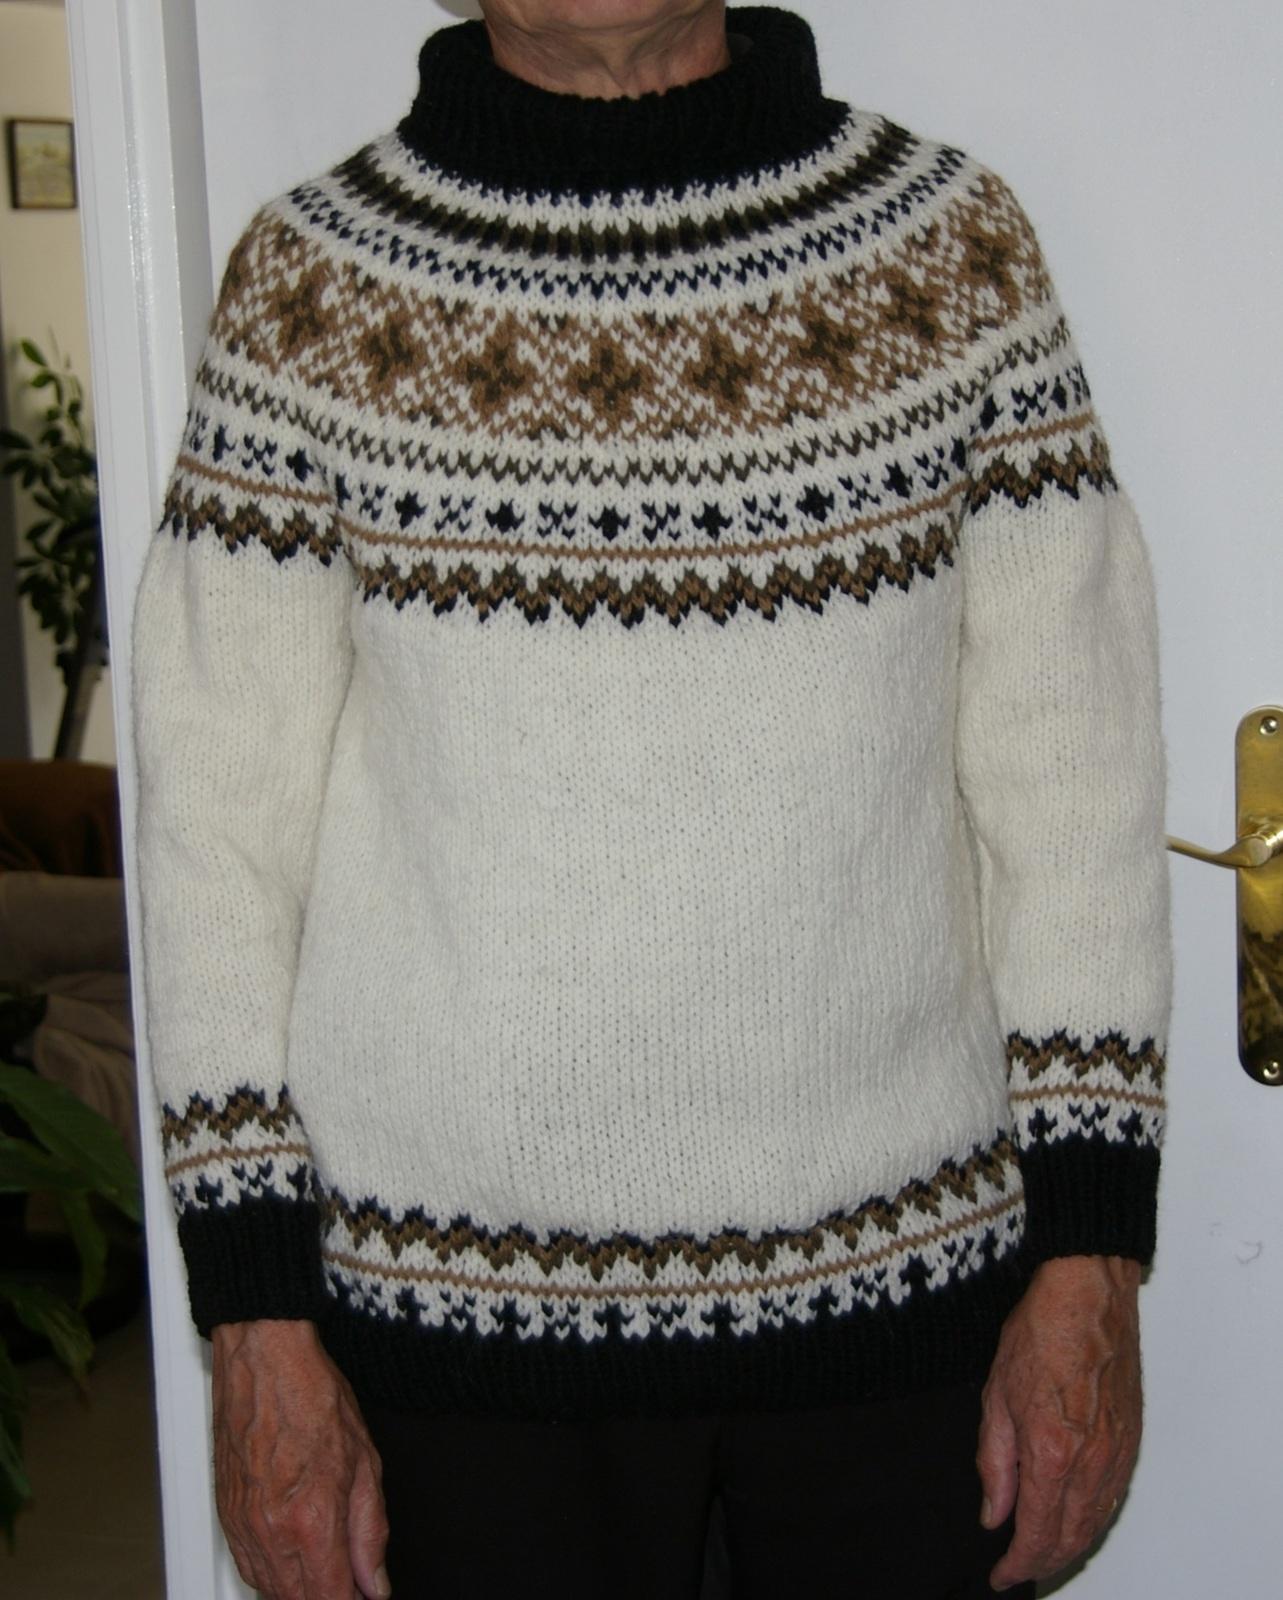 TRICOT : pull scandinave lopi unisexe TUTORIEL GRATUIT - Blog de crochet et tricot d'art de ...